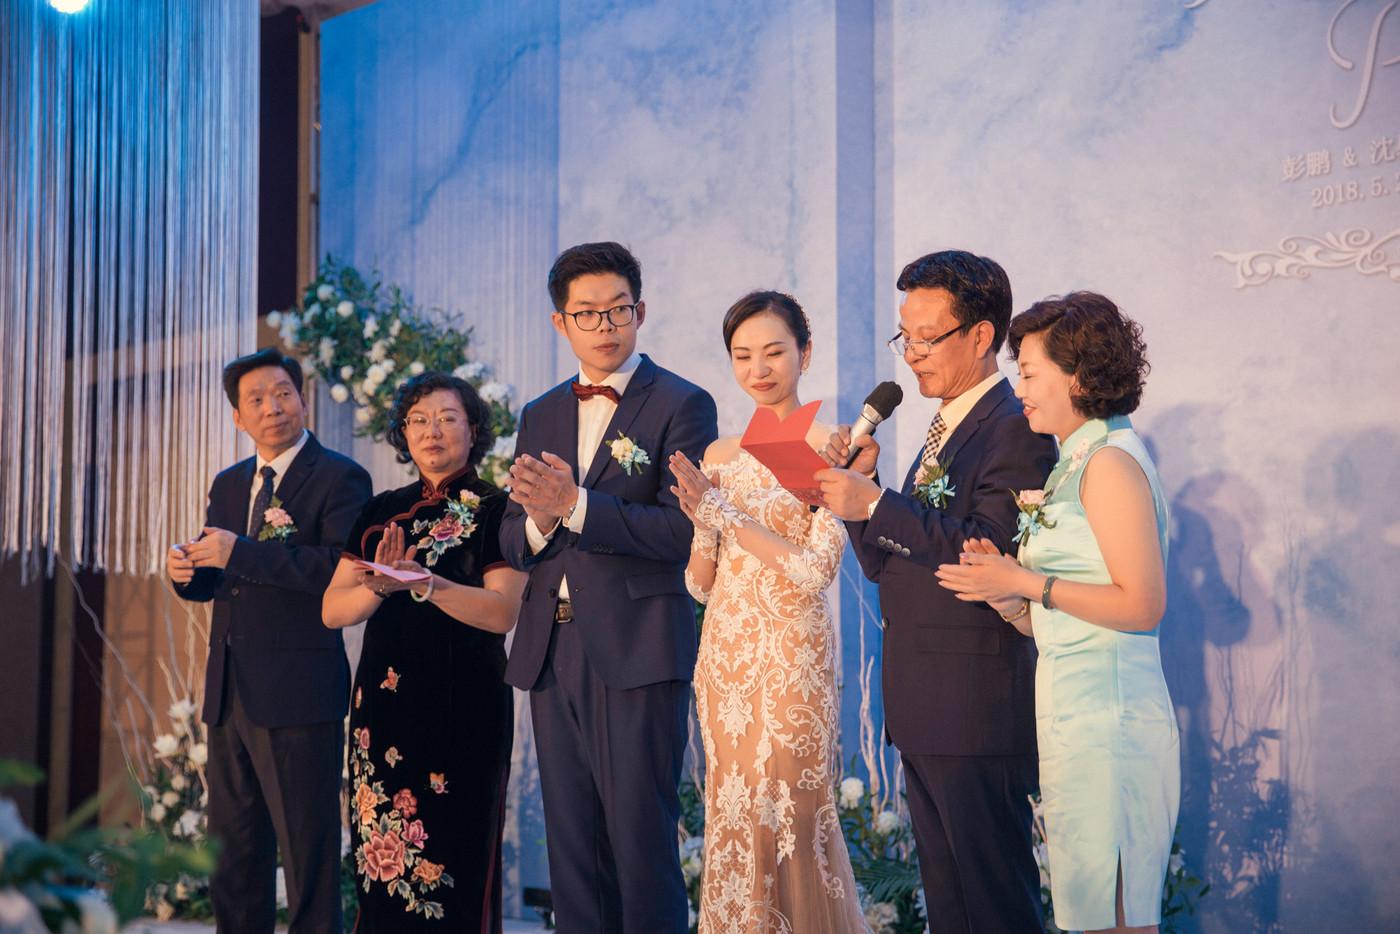 【KAI 婚礼纪实】P&S 南京婚礼61